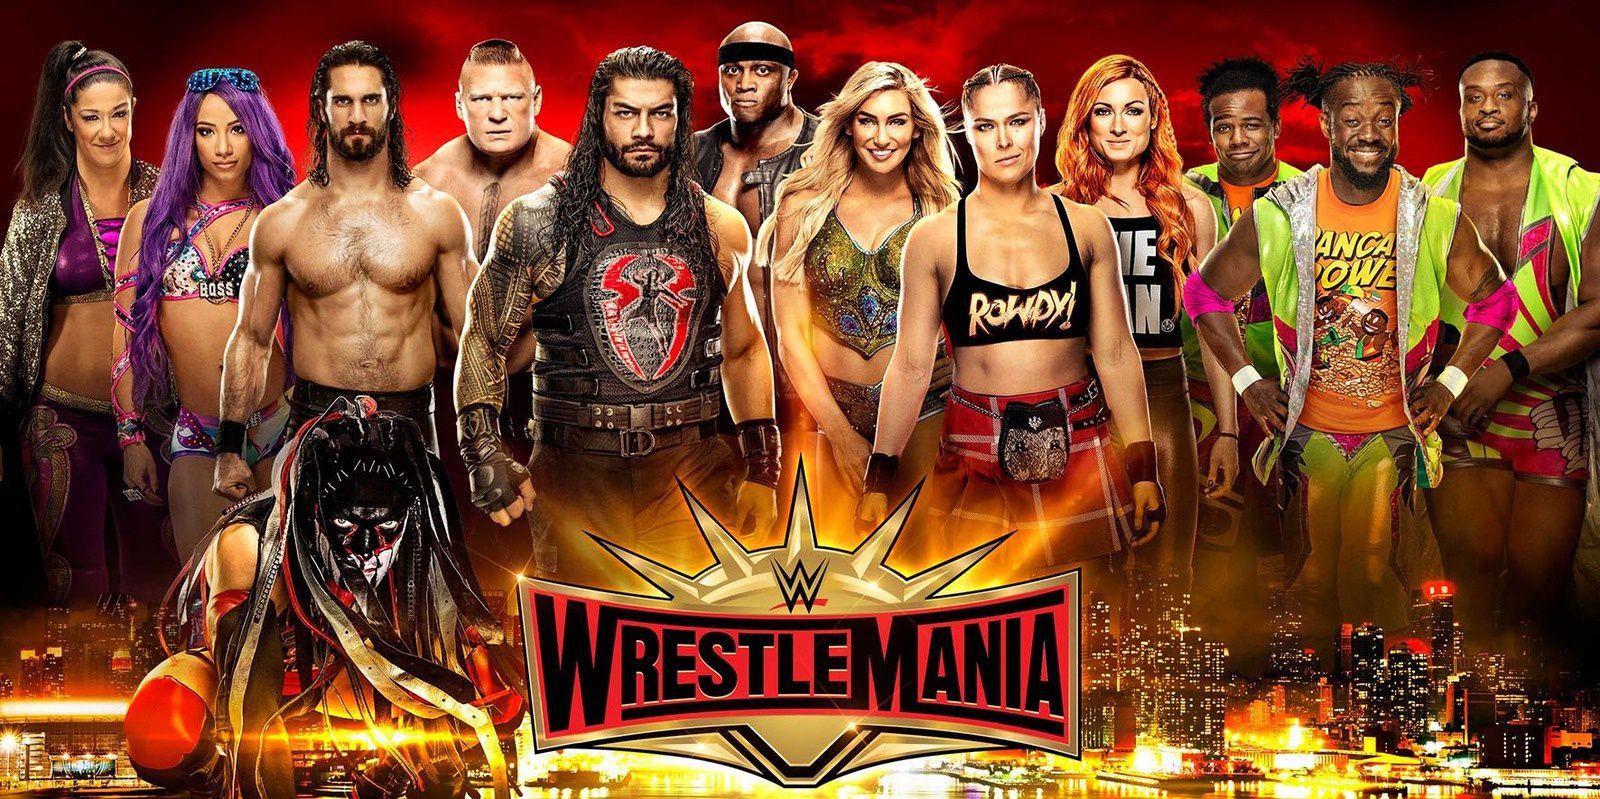 Diffusion du show de catch Wrestlemania, en quasi direct cette nuit de dimanche à lundi.